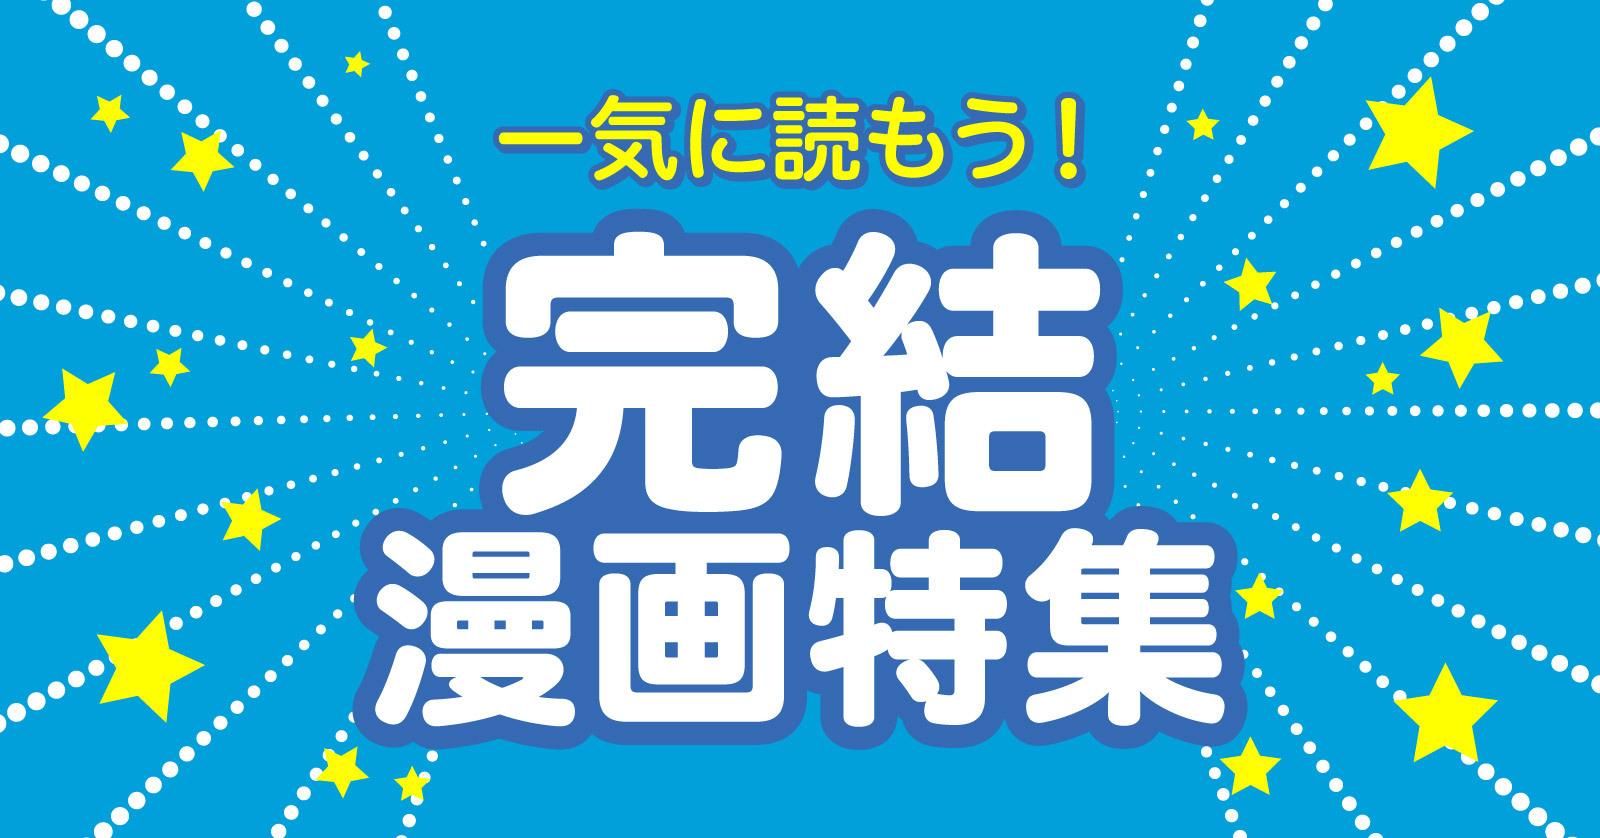 漫画全巻ドットコム/完結漫画特集